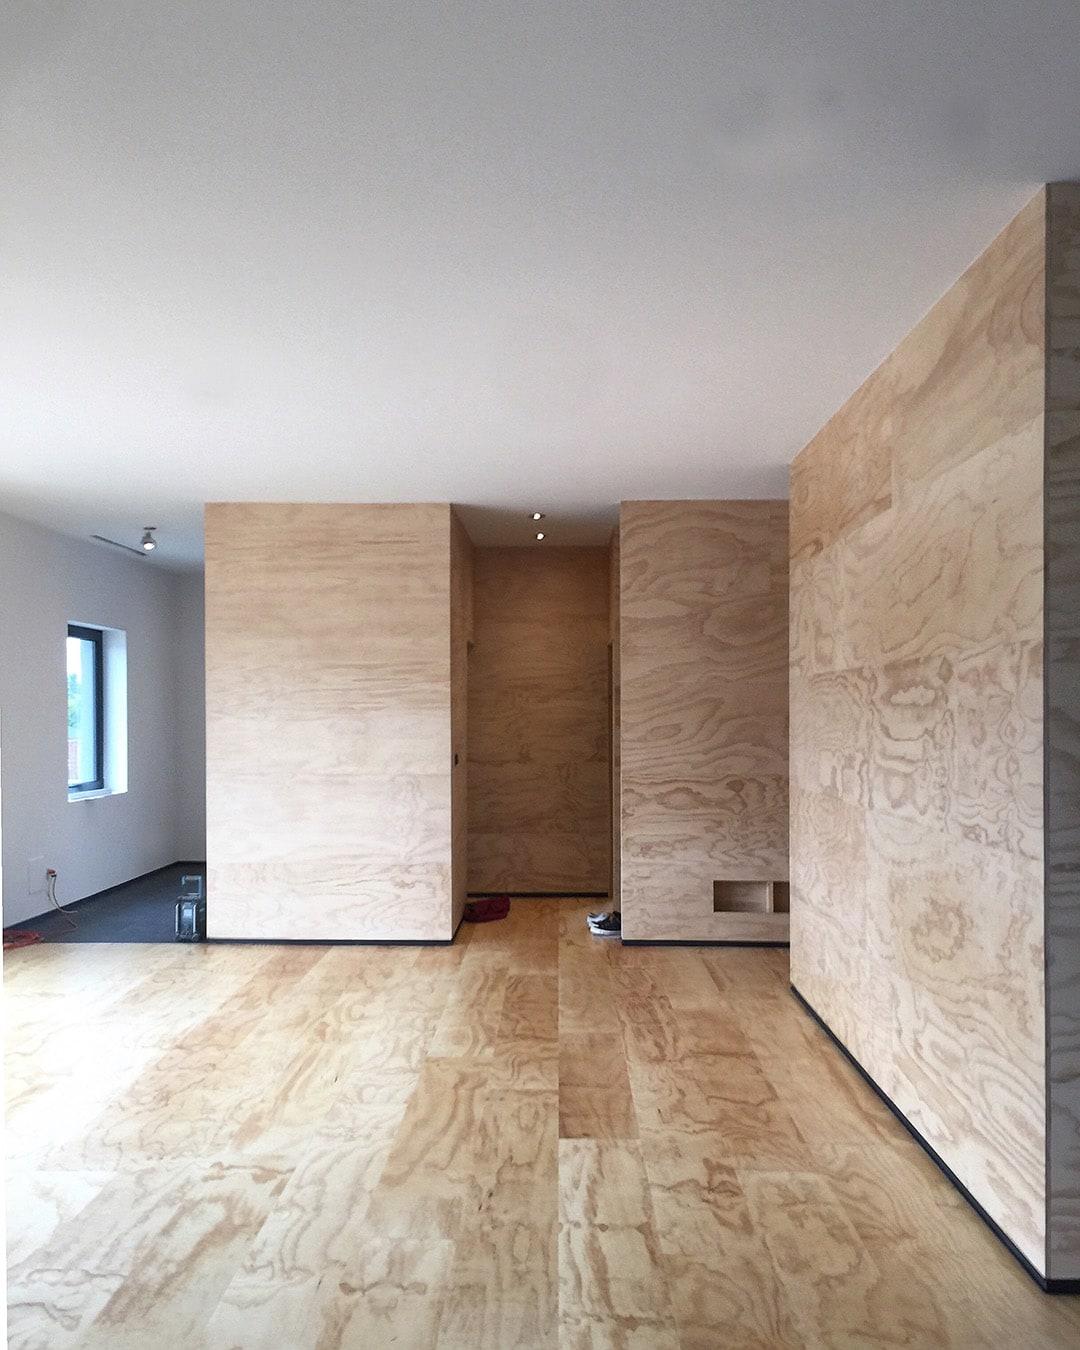 interior of painter studio